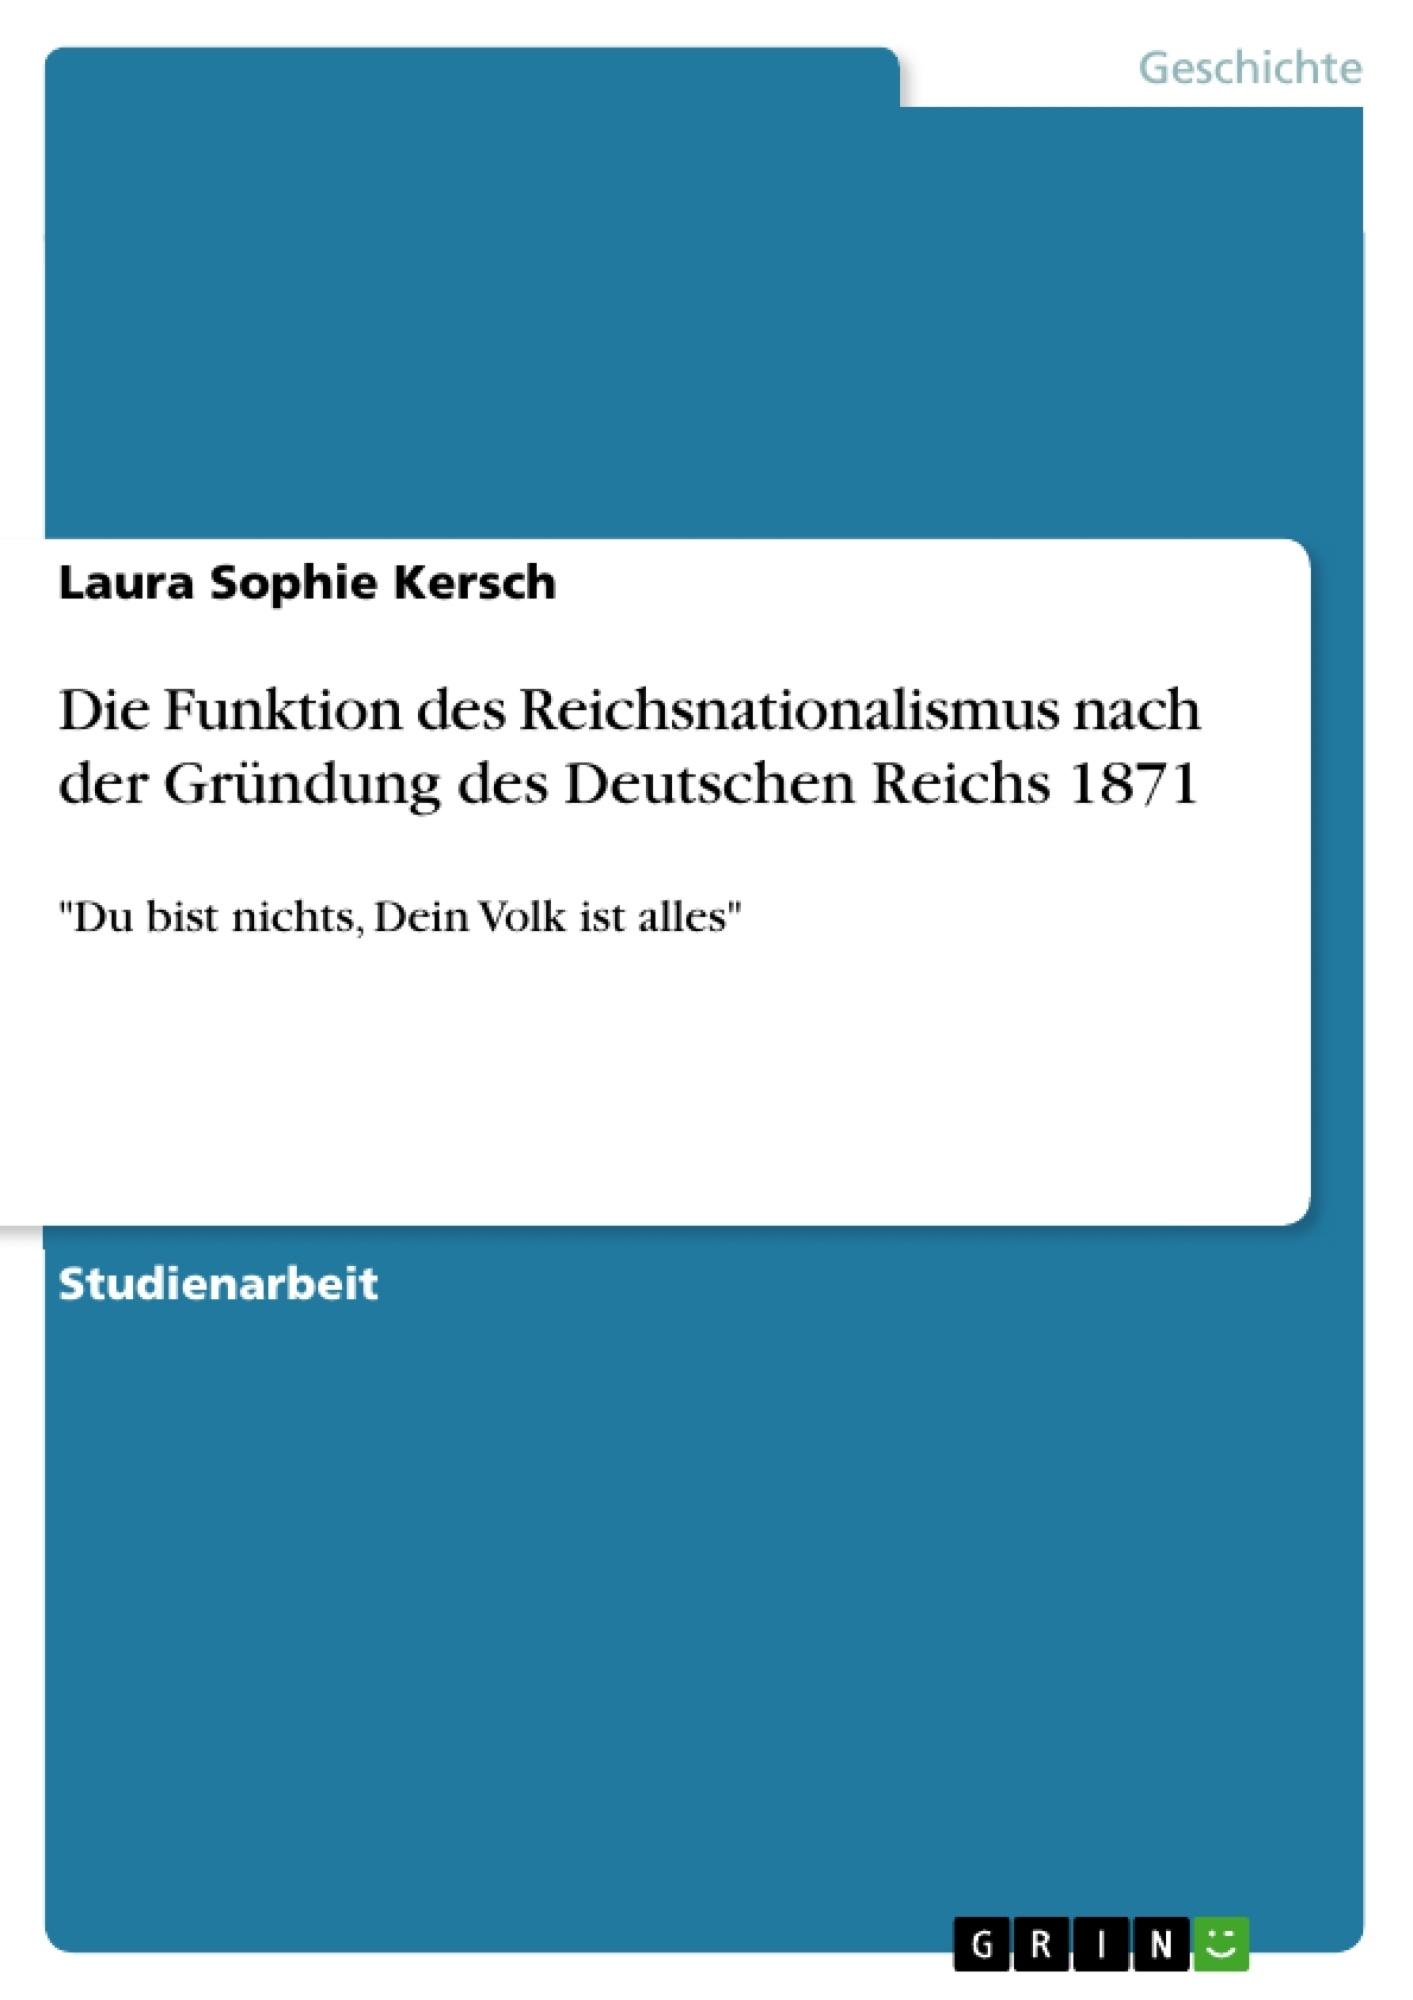 Titel: Die Funktion des Reichsnationalismus nach der Gründung des Deutschen Reichs 1871